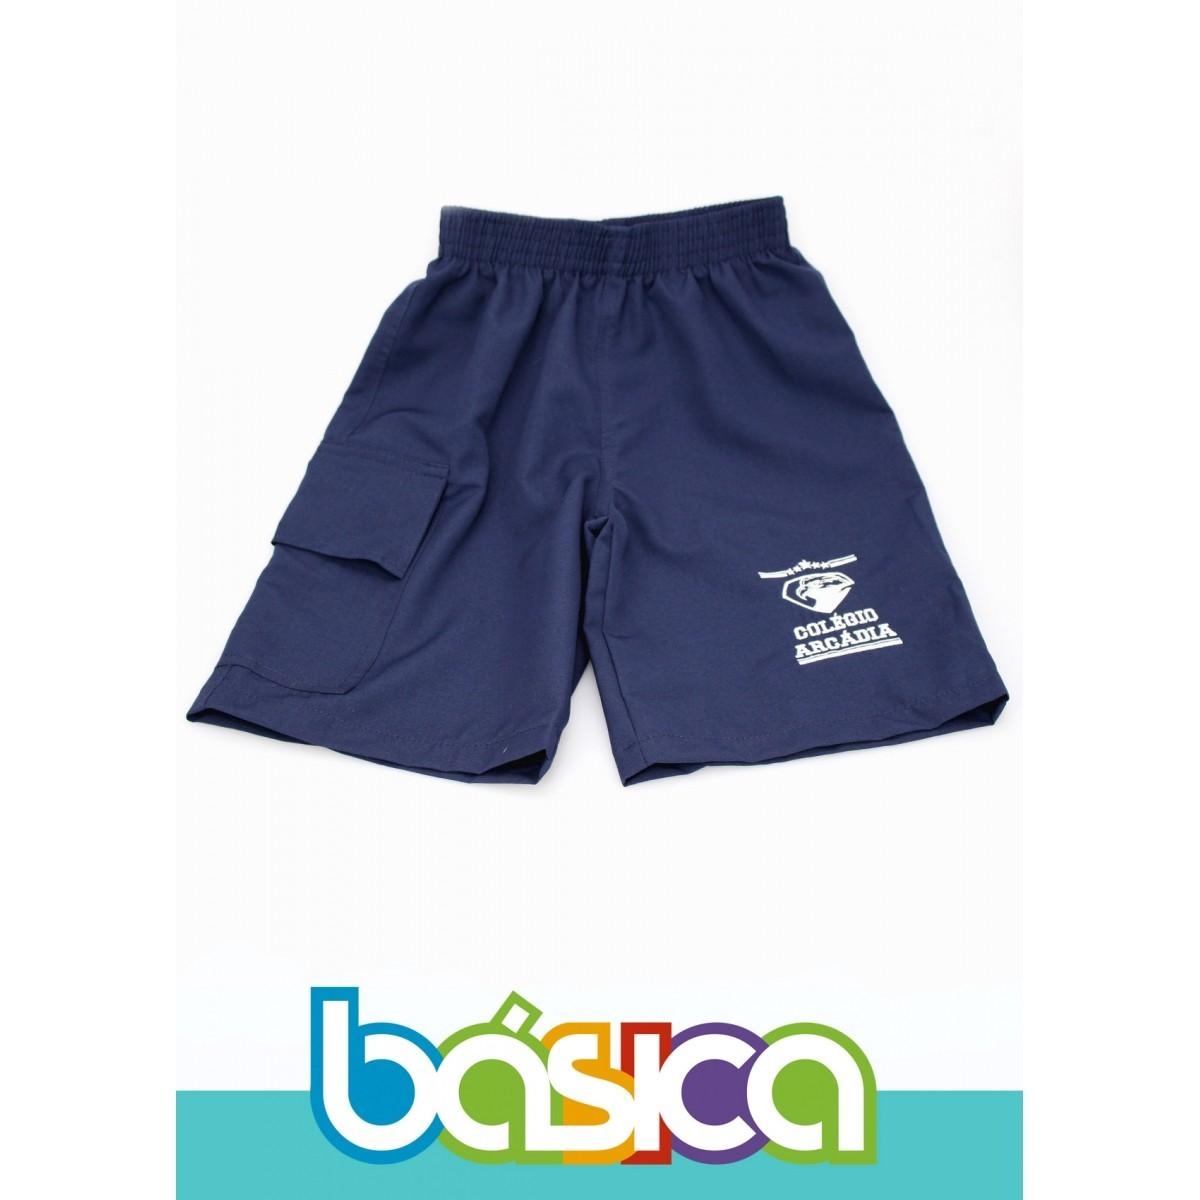 Bermuda de Seletel Colégio Arcádia  - BÁSICA UNIFORMES